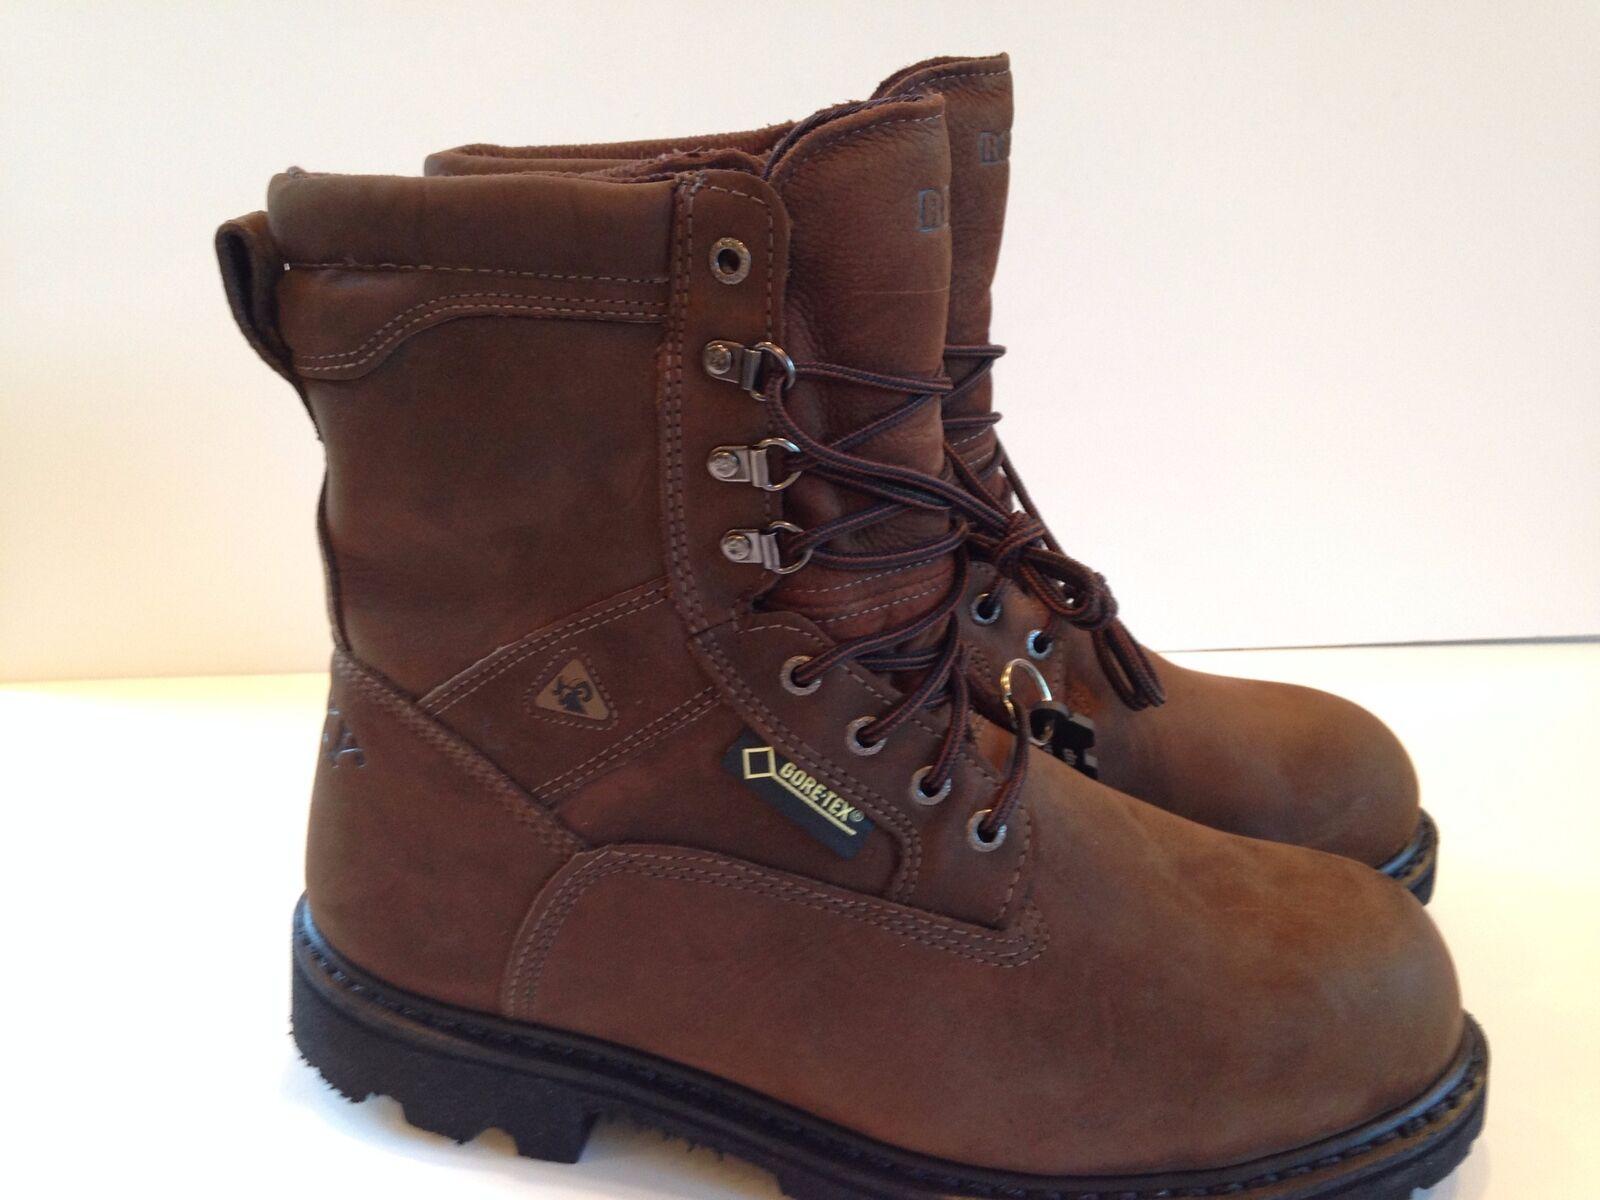 Rocky Para Hombre Ranger 6223 Cuero 600g Goretex acero dedo botas de trabajo (600)